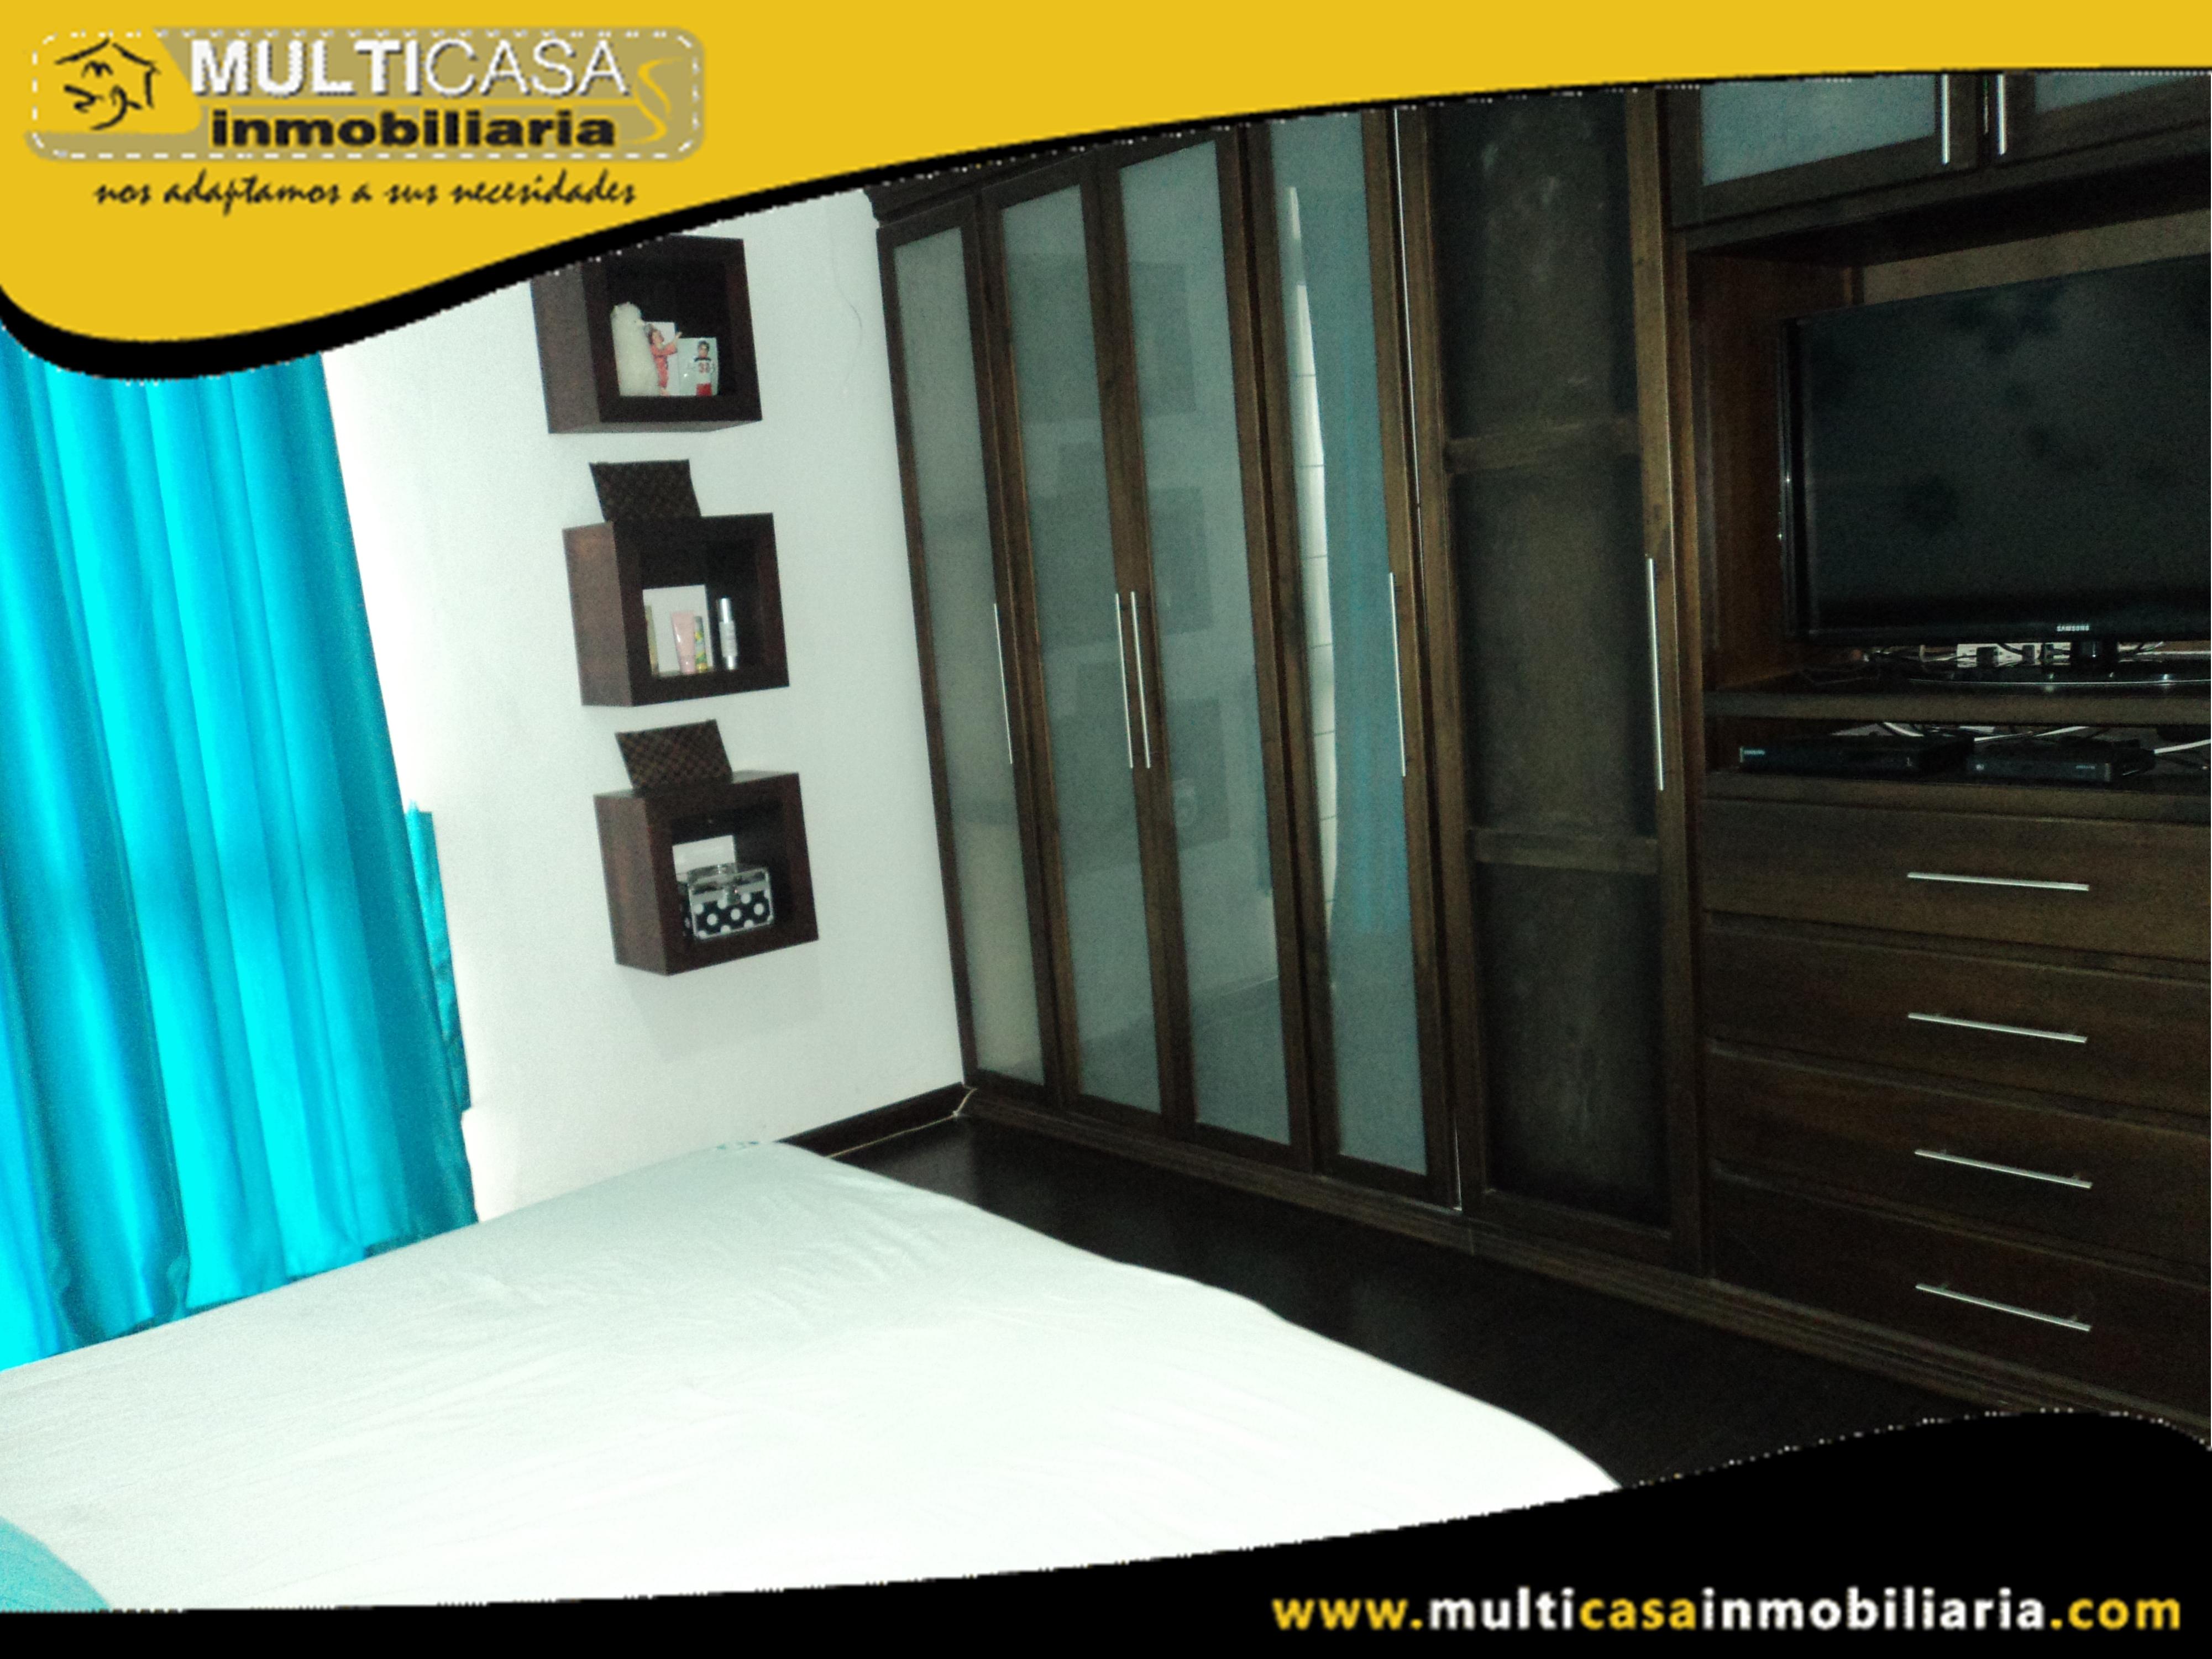 Propiedad Comercial en Venta con salón de eventos y oficinas  a Crédito Sector Misicata Cuenca-Ecuador